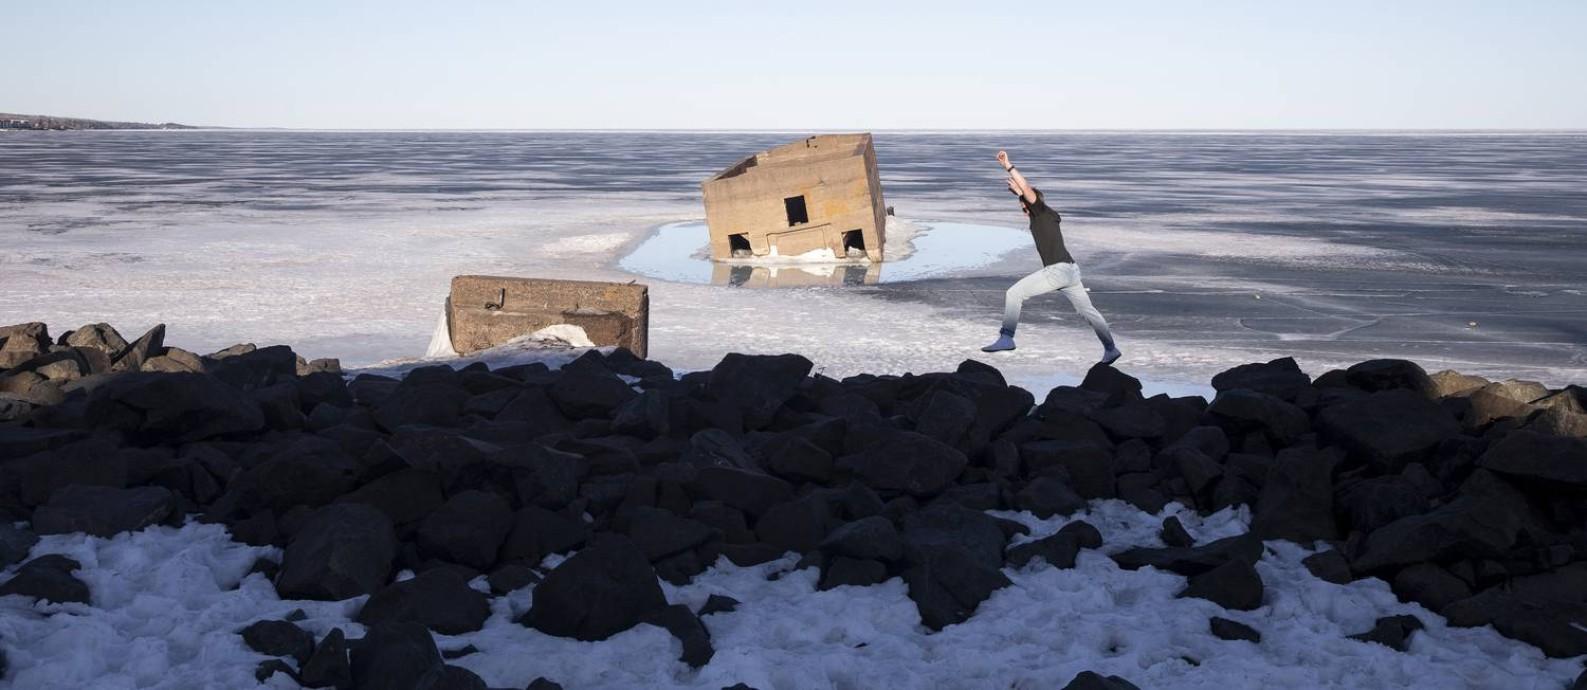 SOC - lago congelado em Duluth, no Minnesota, EUA. Segundo especialista de Harvard em mudanças climáticas, a cidade tem temperaturas frias, abundância de água fresca e uma infraestrutura industrial que fazem dela refúgio ideal contra o aquecimento global. Algumas regiões americanas serão menos afetadas que outras. Foto: TIM GRUBER / NYT